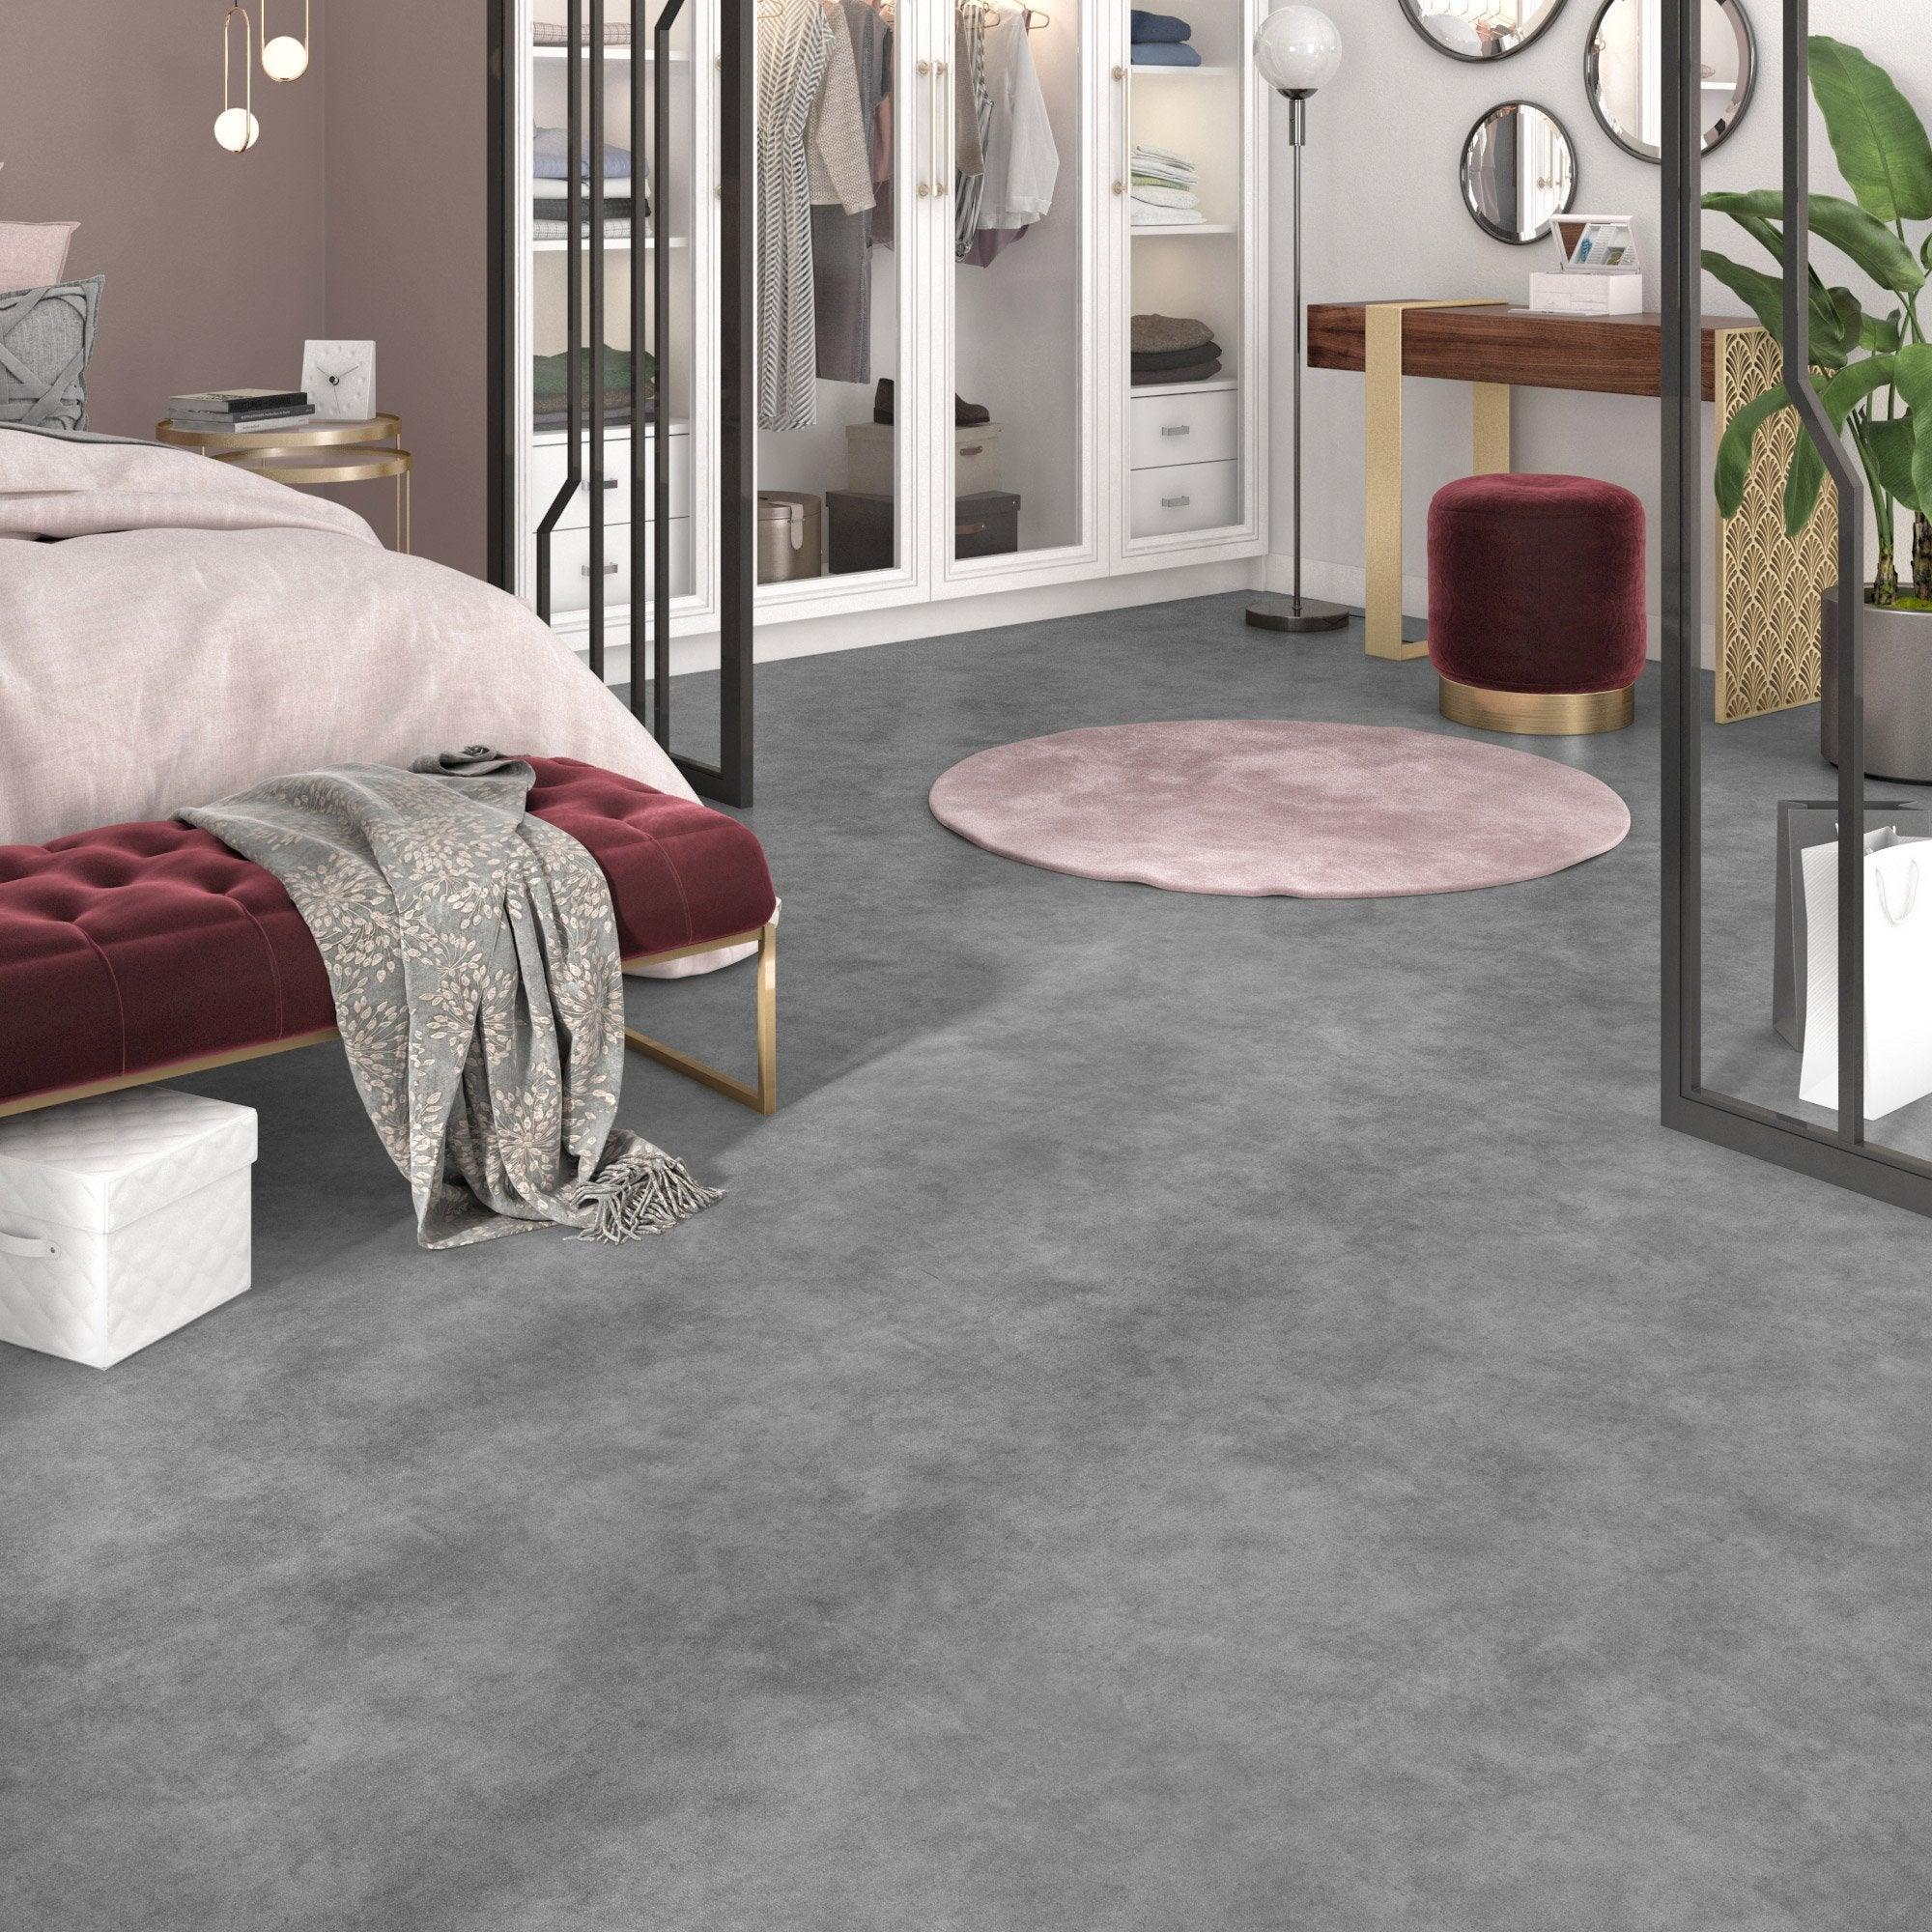 Sol PVC ARTENS effet béton gris gris galet 3 l.2 m